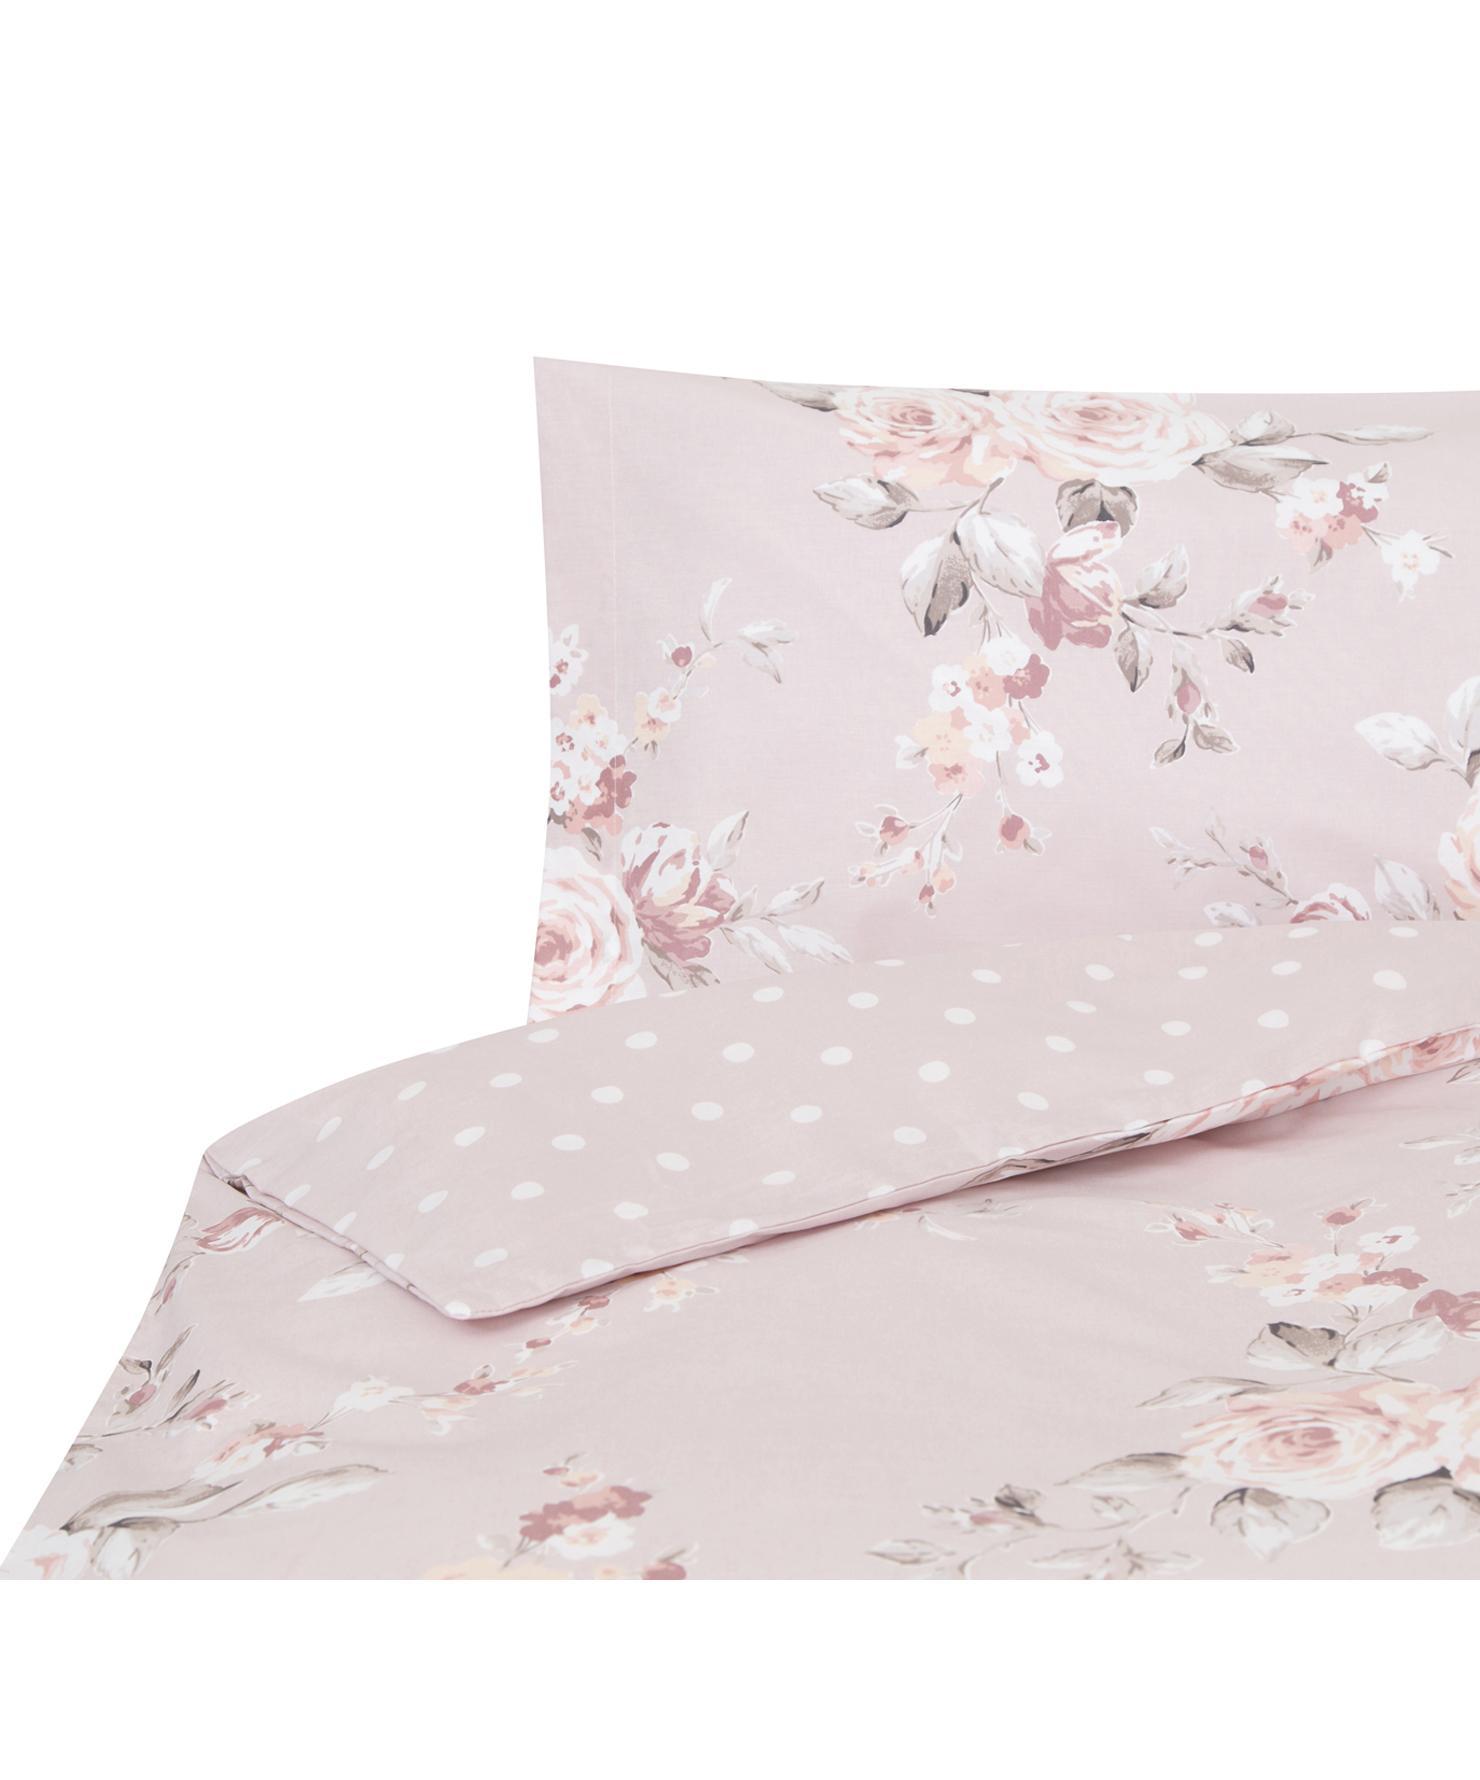 Funda nórdica Canterbury, Algodón, Tonos rosas, gris, blanco, Cama 90 cm (160 x 220 cm)